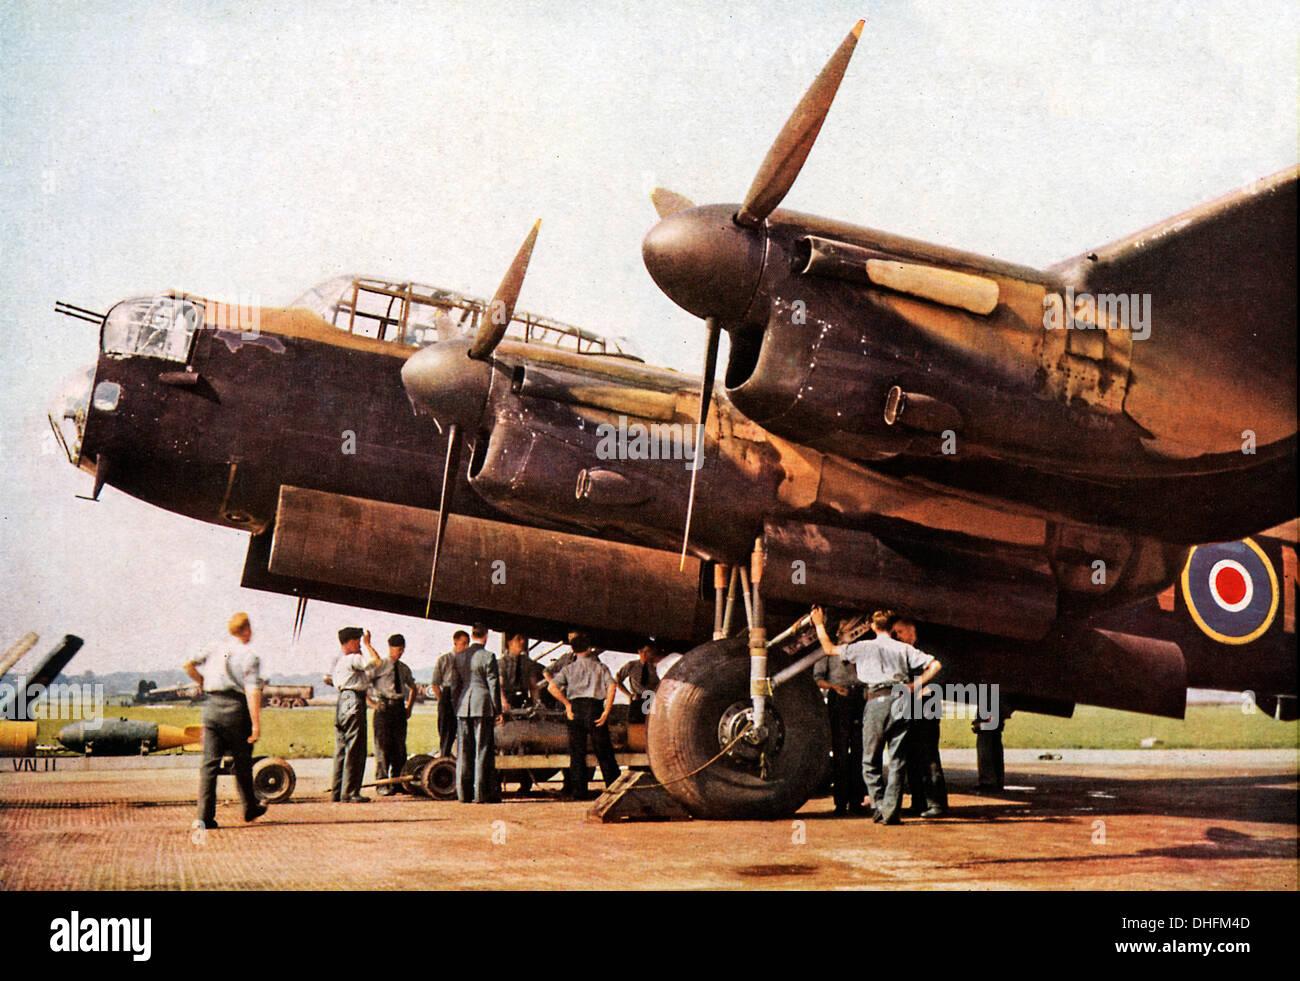 Chargement d'un bombardier Lancaster, 1942 photo couleur de l'emblématique des bombardiers lourds de la RAF jusqu'à la bombe avant qu'un raid sur l'Allemagne Banque D'Images